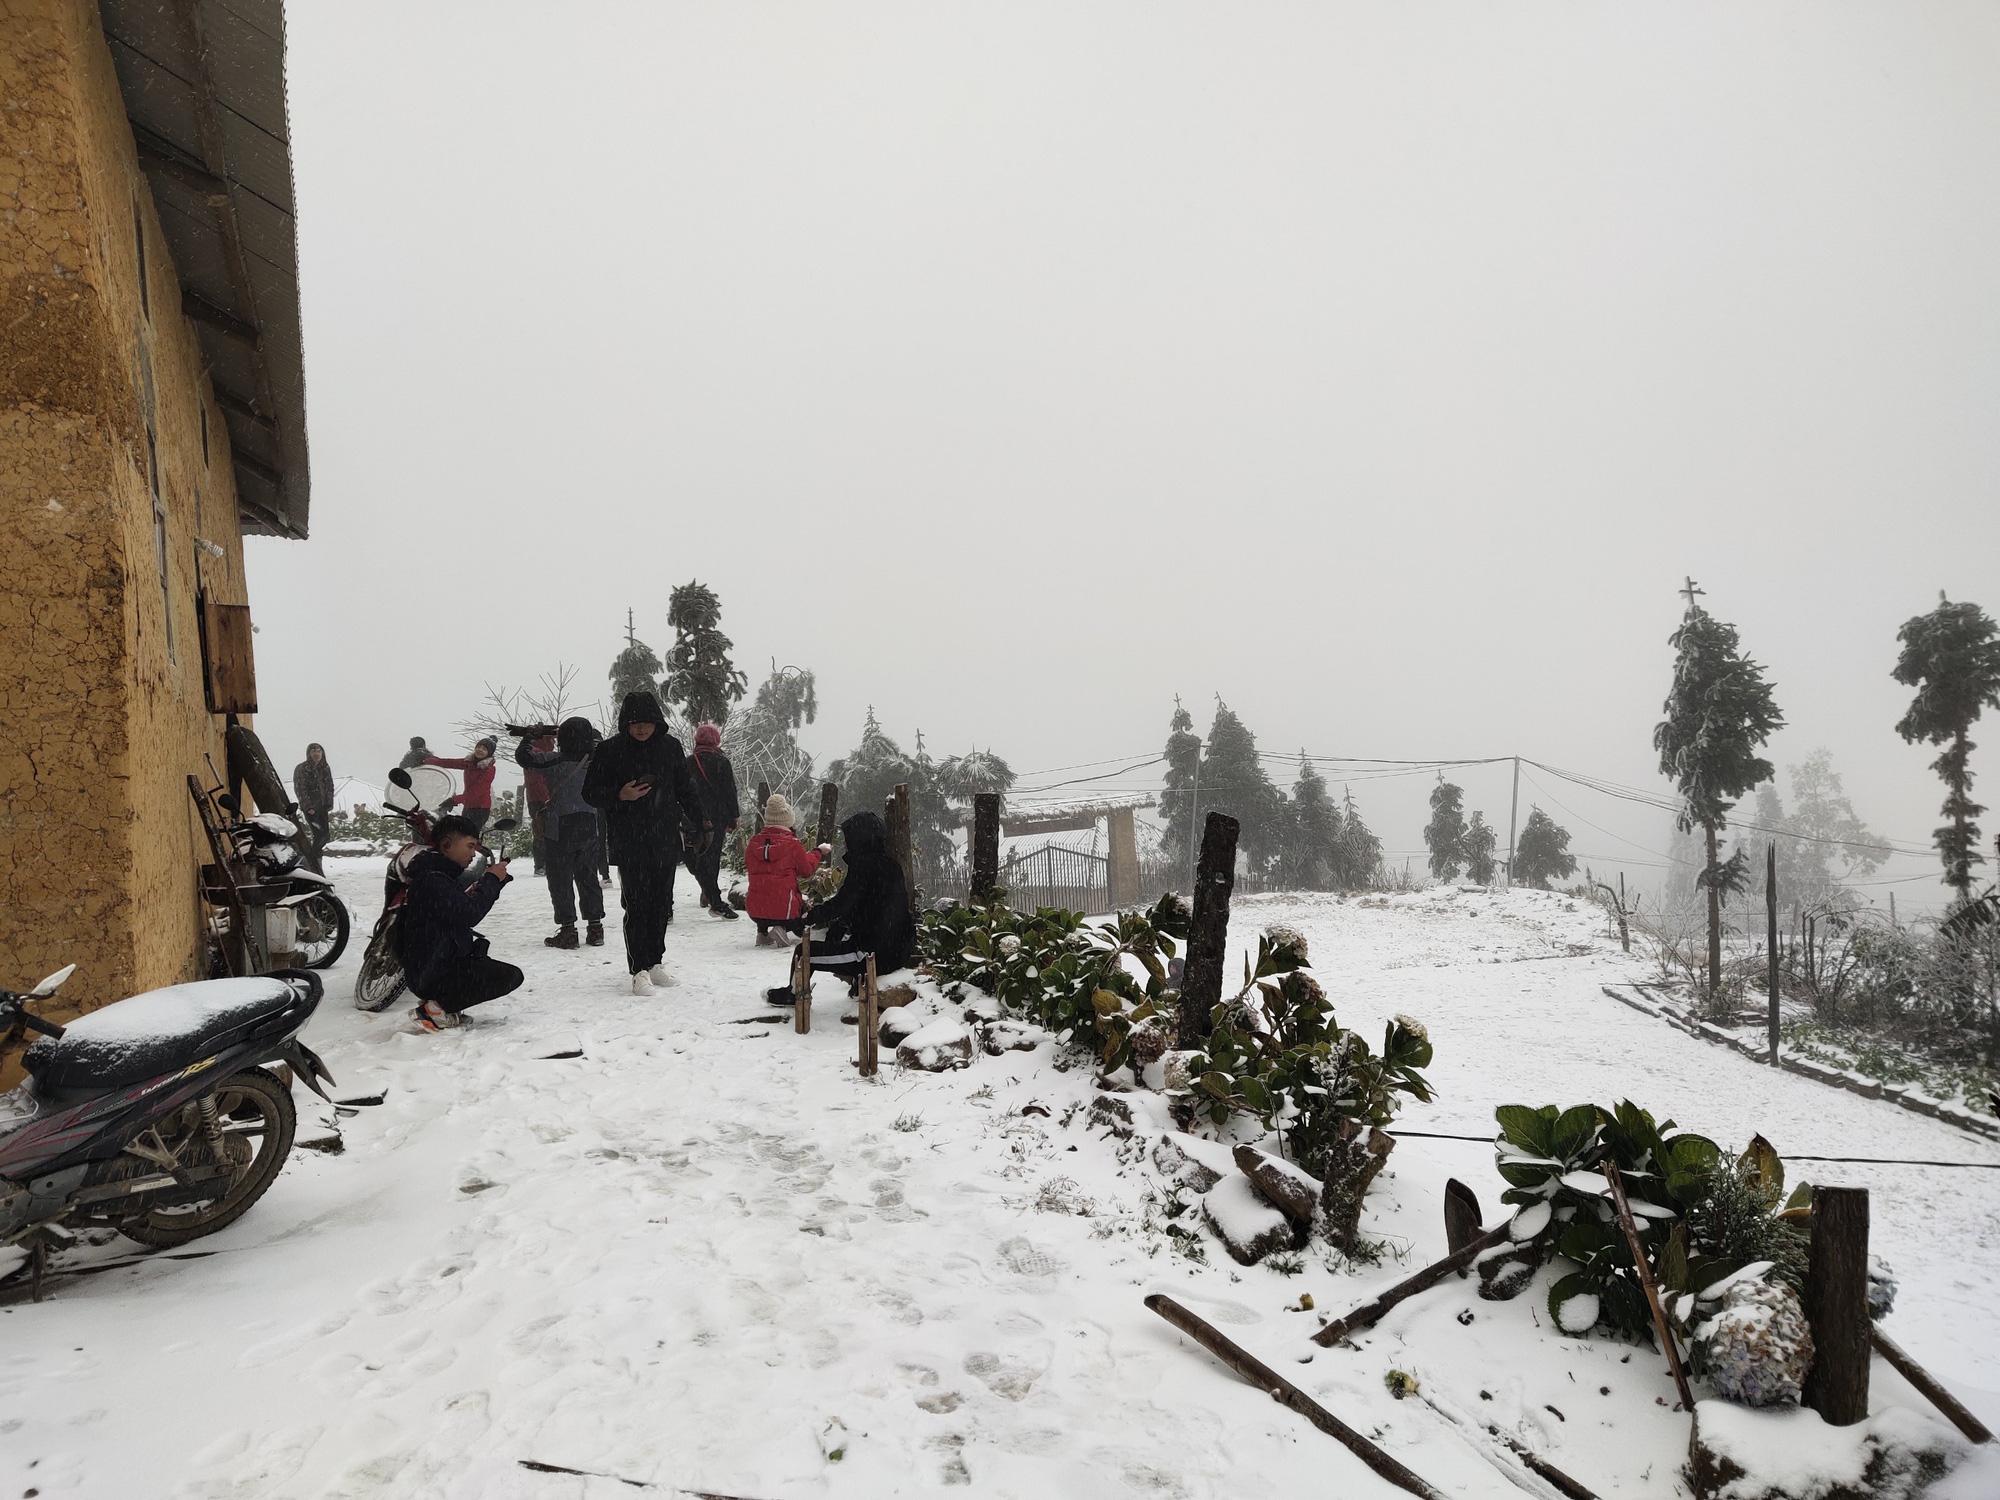 Tuyết rơi dày đặc ở Y Tý, cảnh vật phủ màu trắng xóa như trời Âu - Ảnh 9.